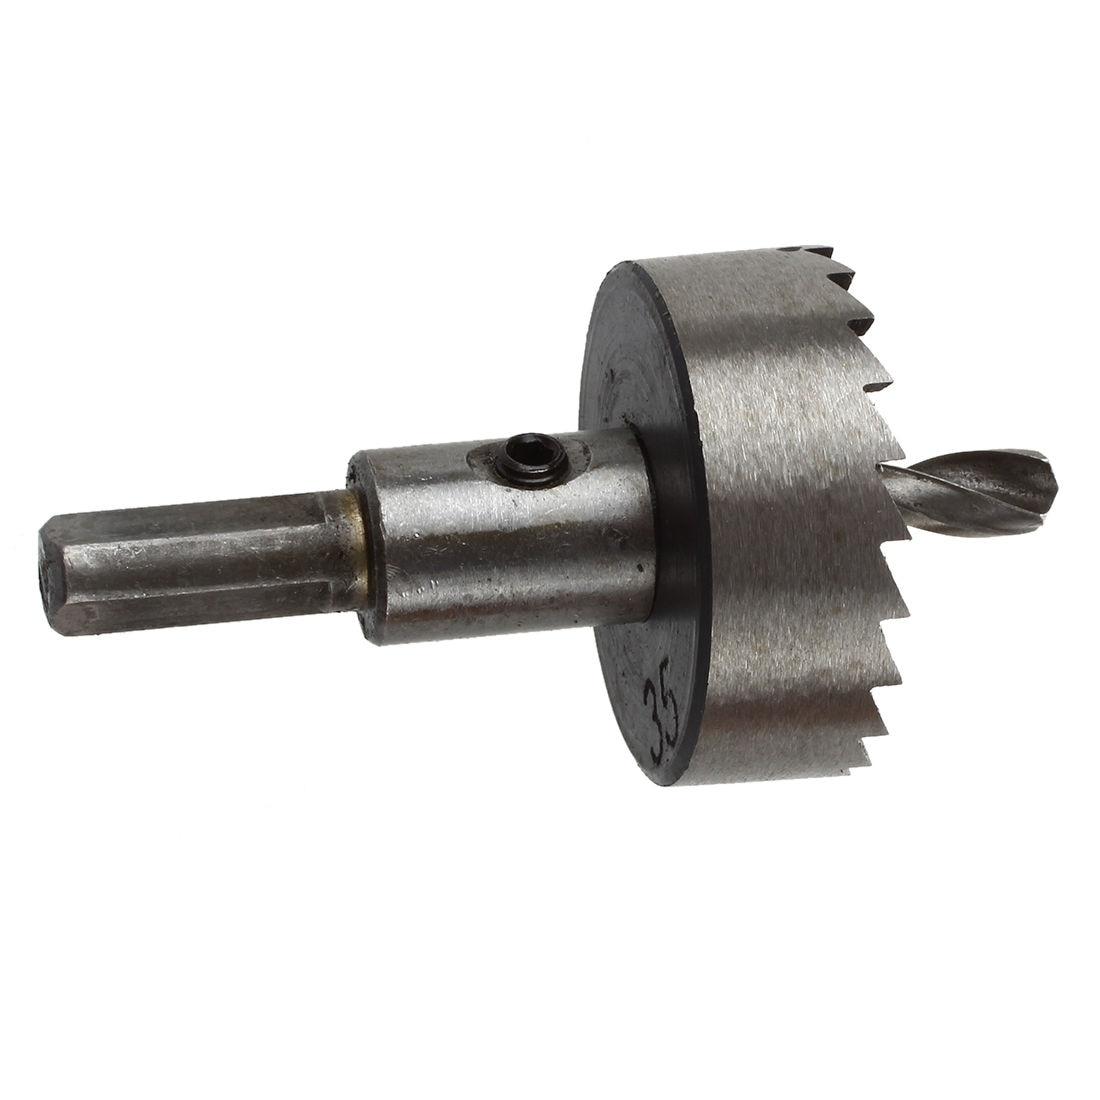 Cast Iron Cutting 35mm HSS Hole Saw Twist Drill Bit  ayhf 60mm hole saw cast iron cutting hss twist drill bit